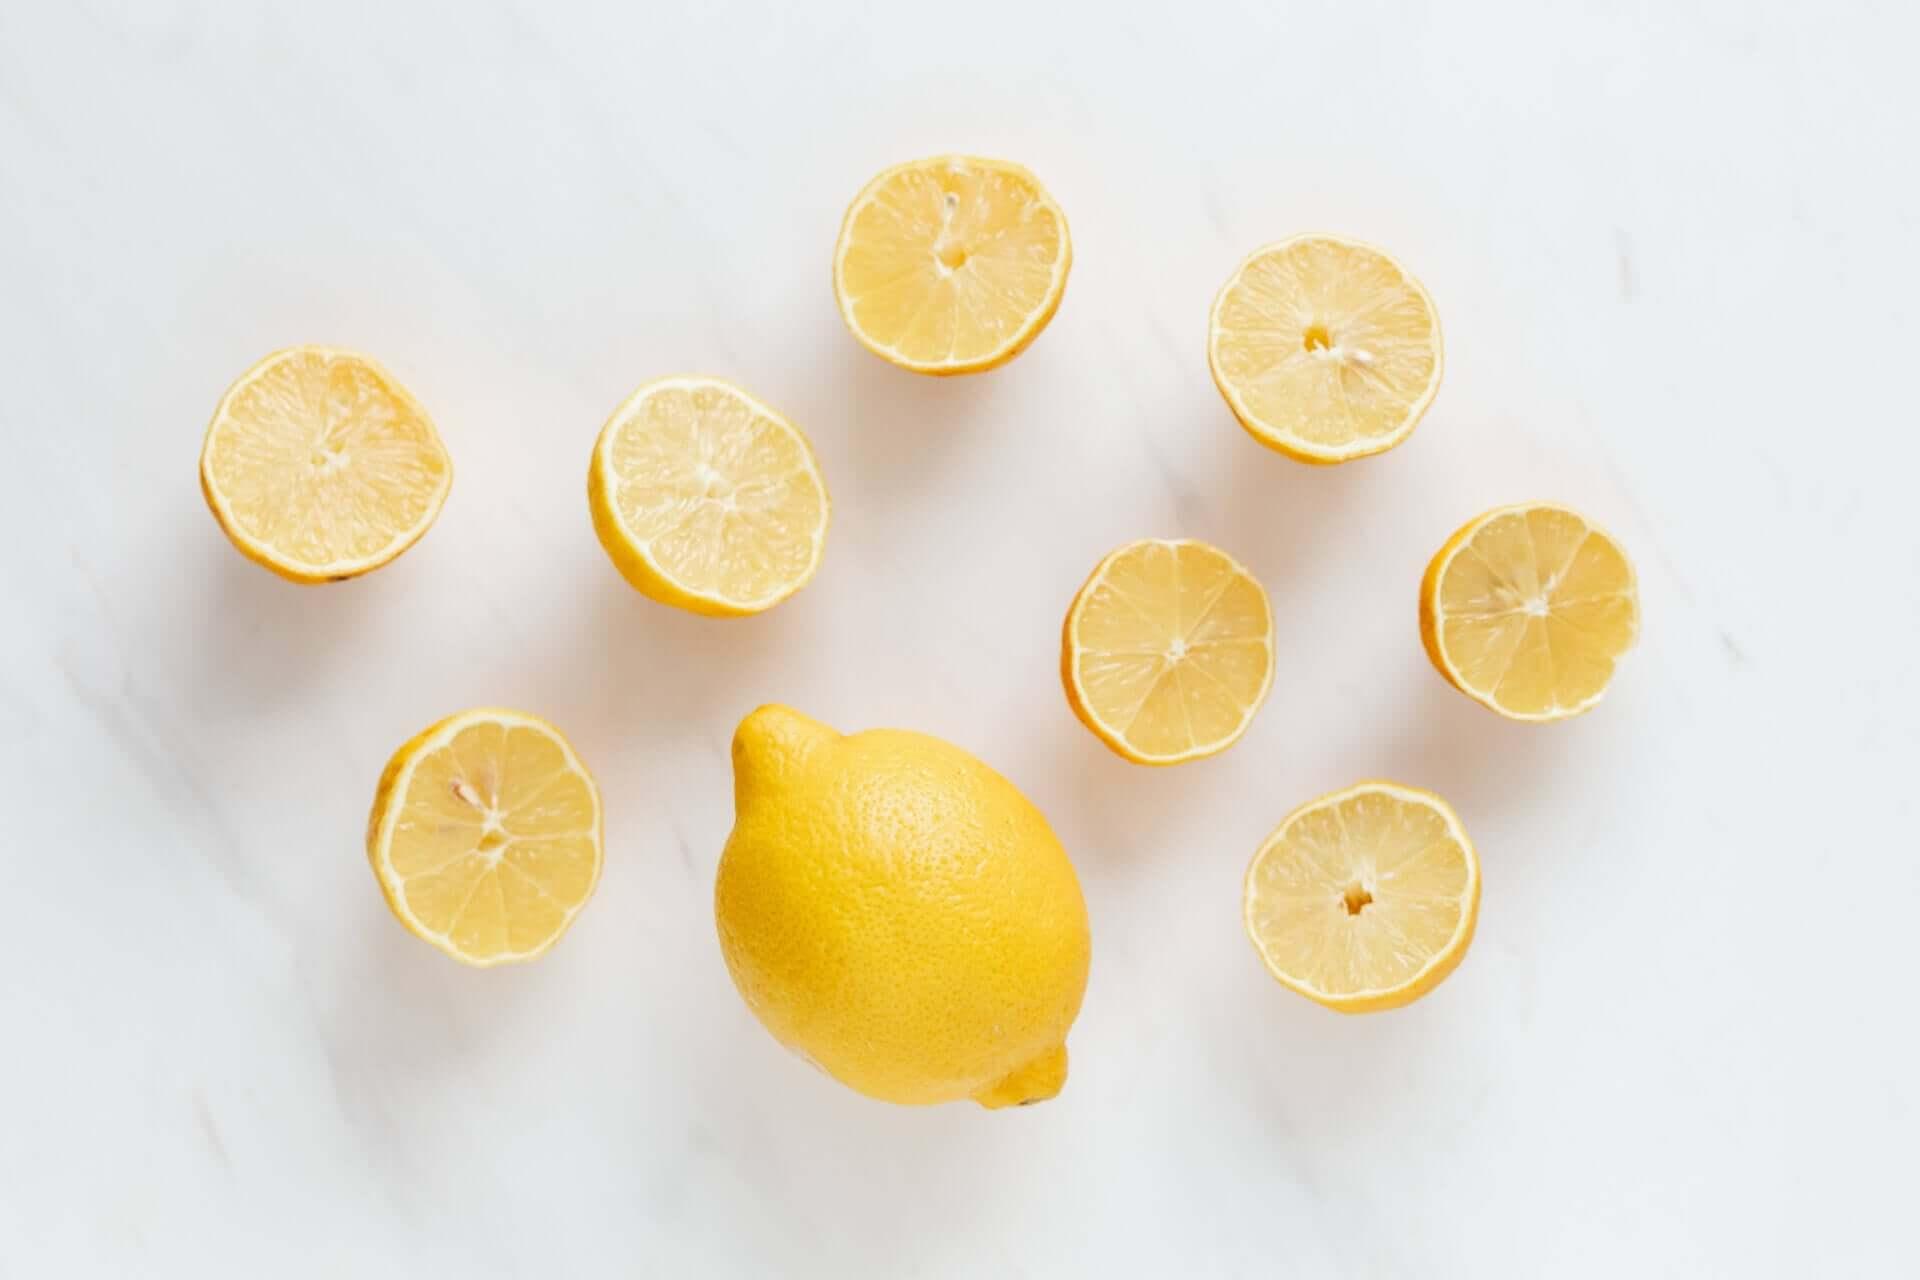 A lemon surrounded by lemon halves.